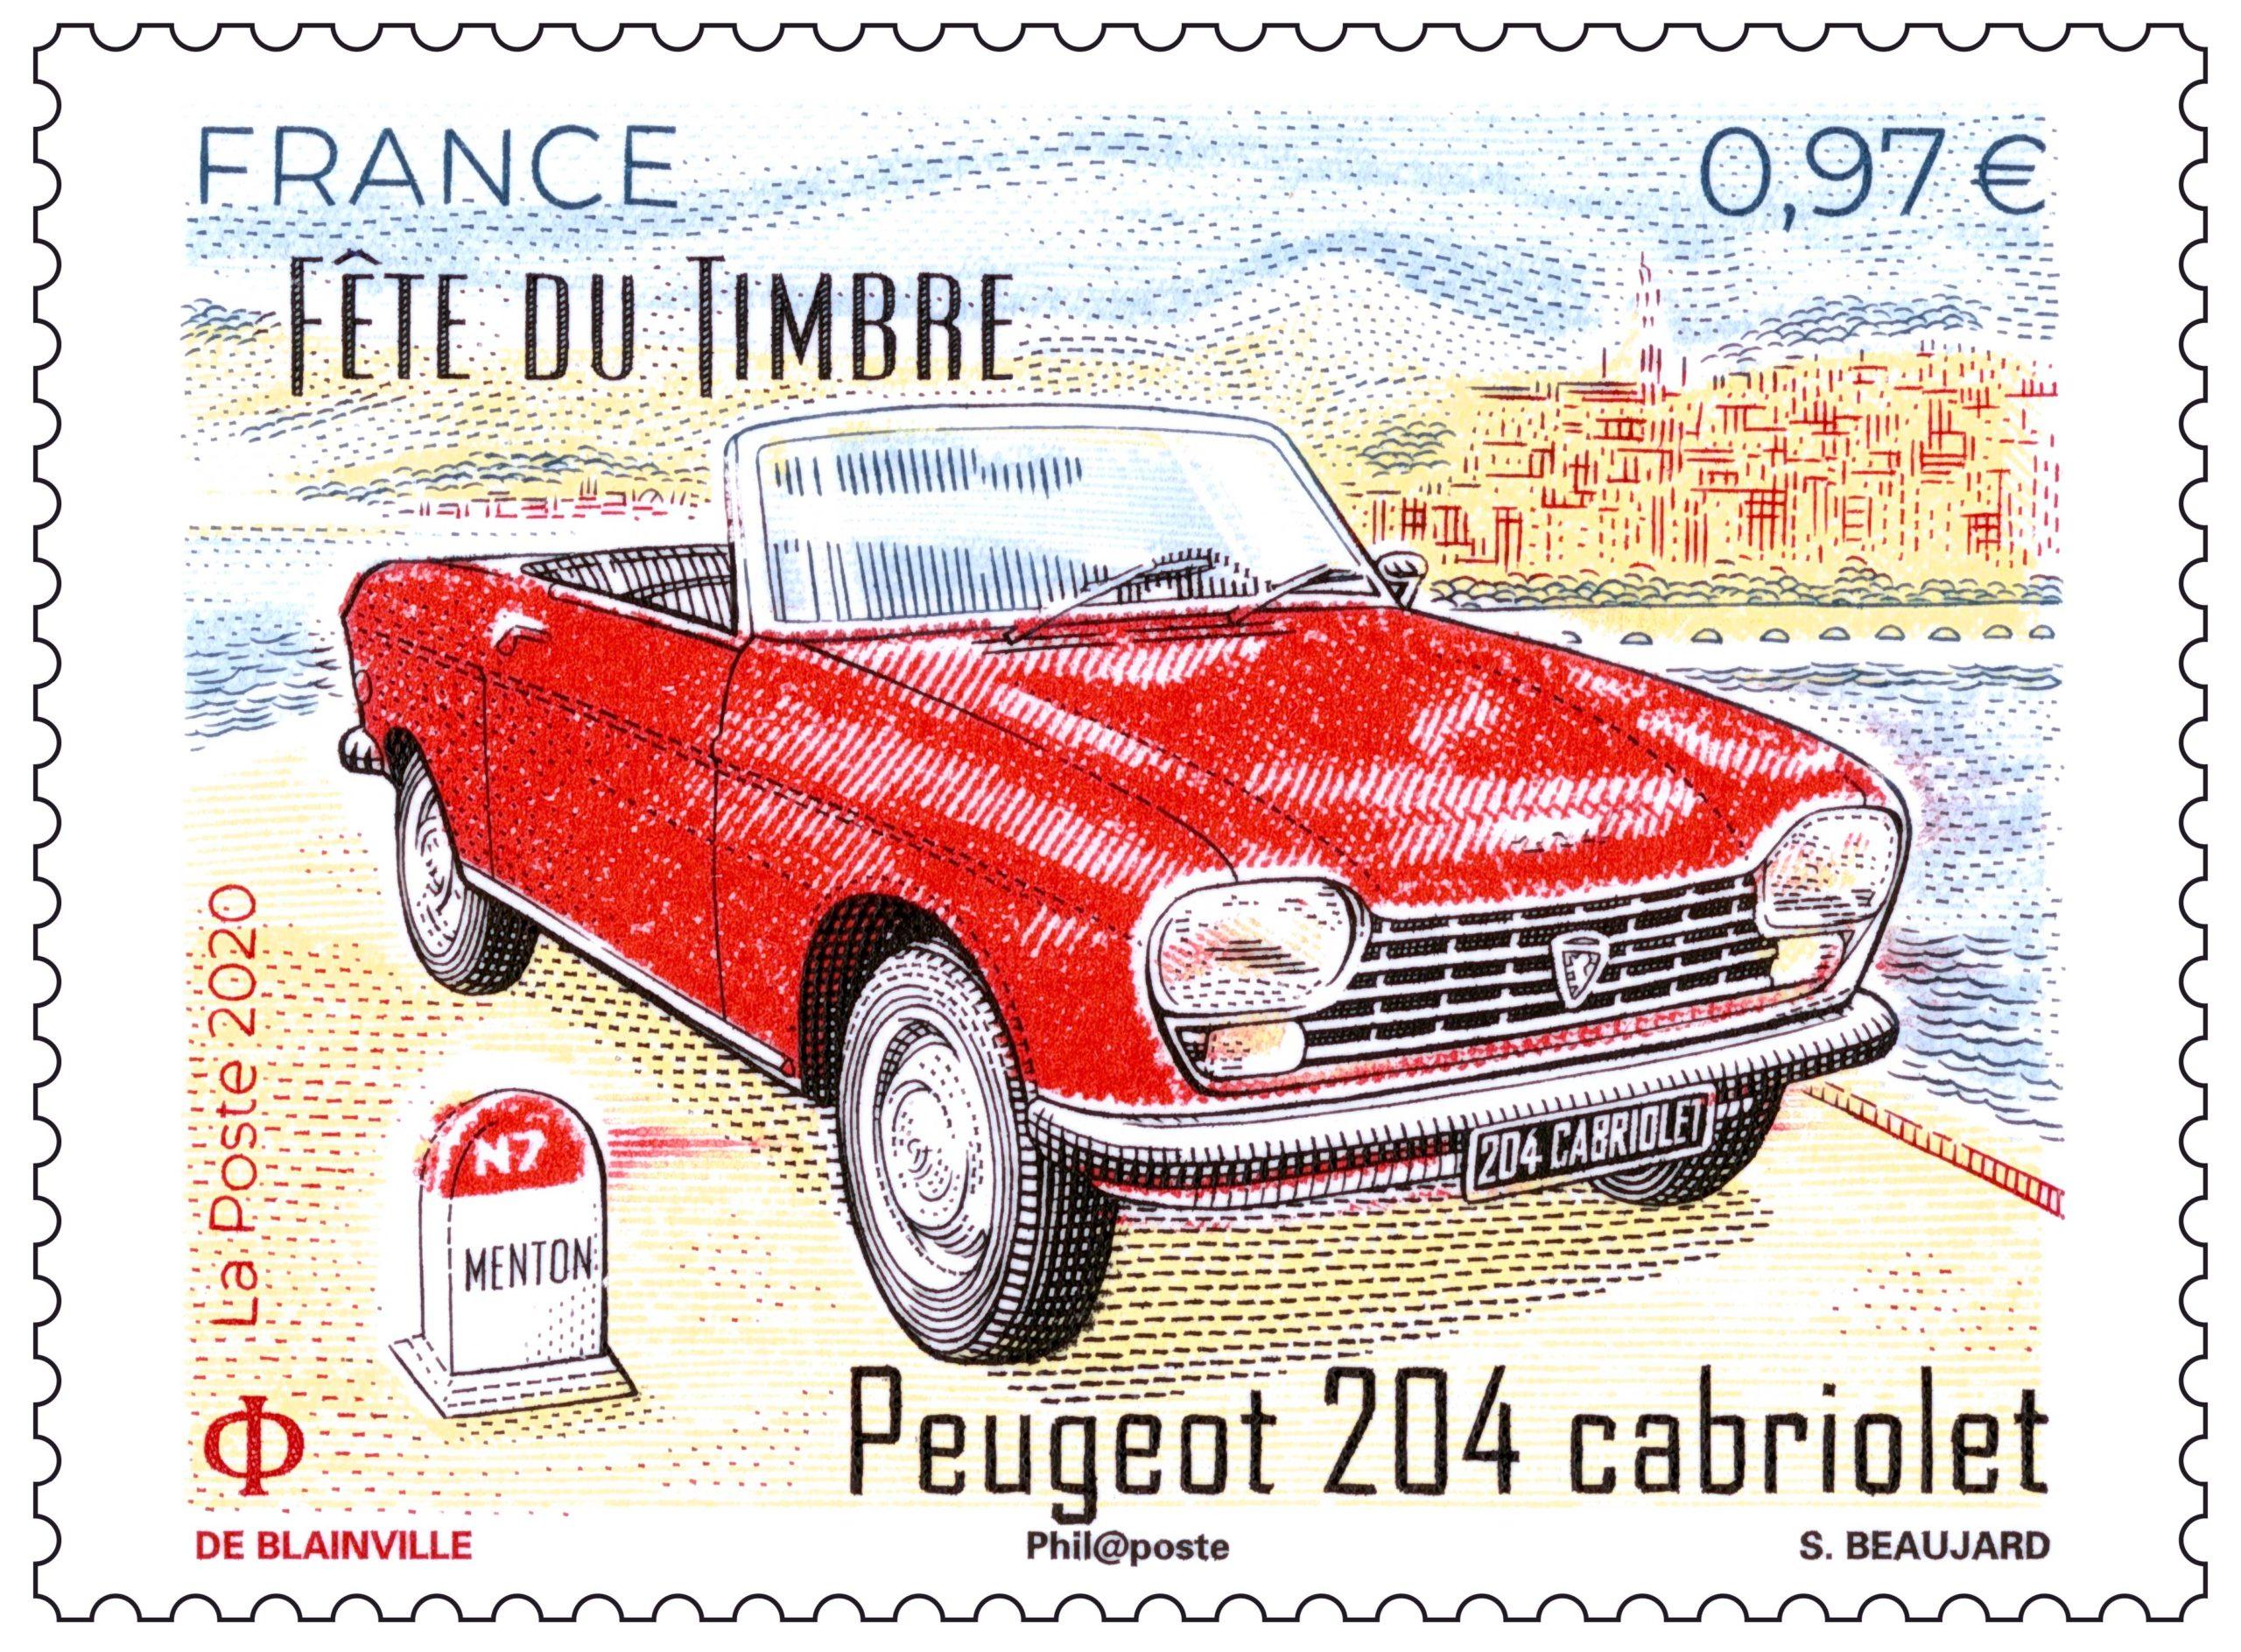 Peugeot 204 cabriolet - Fête du Timbre